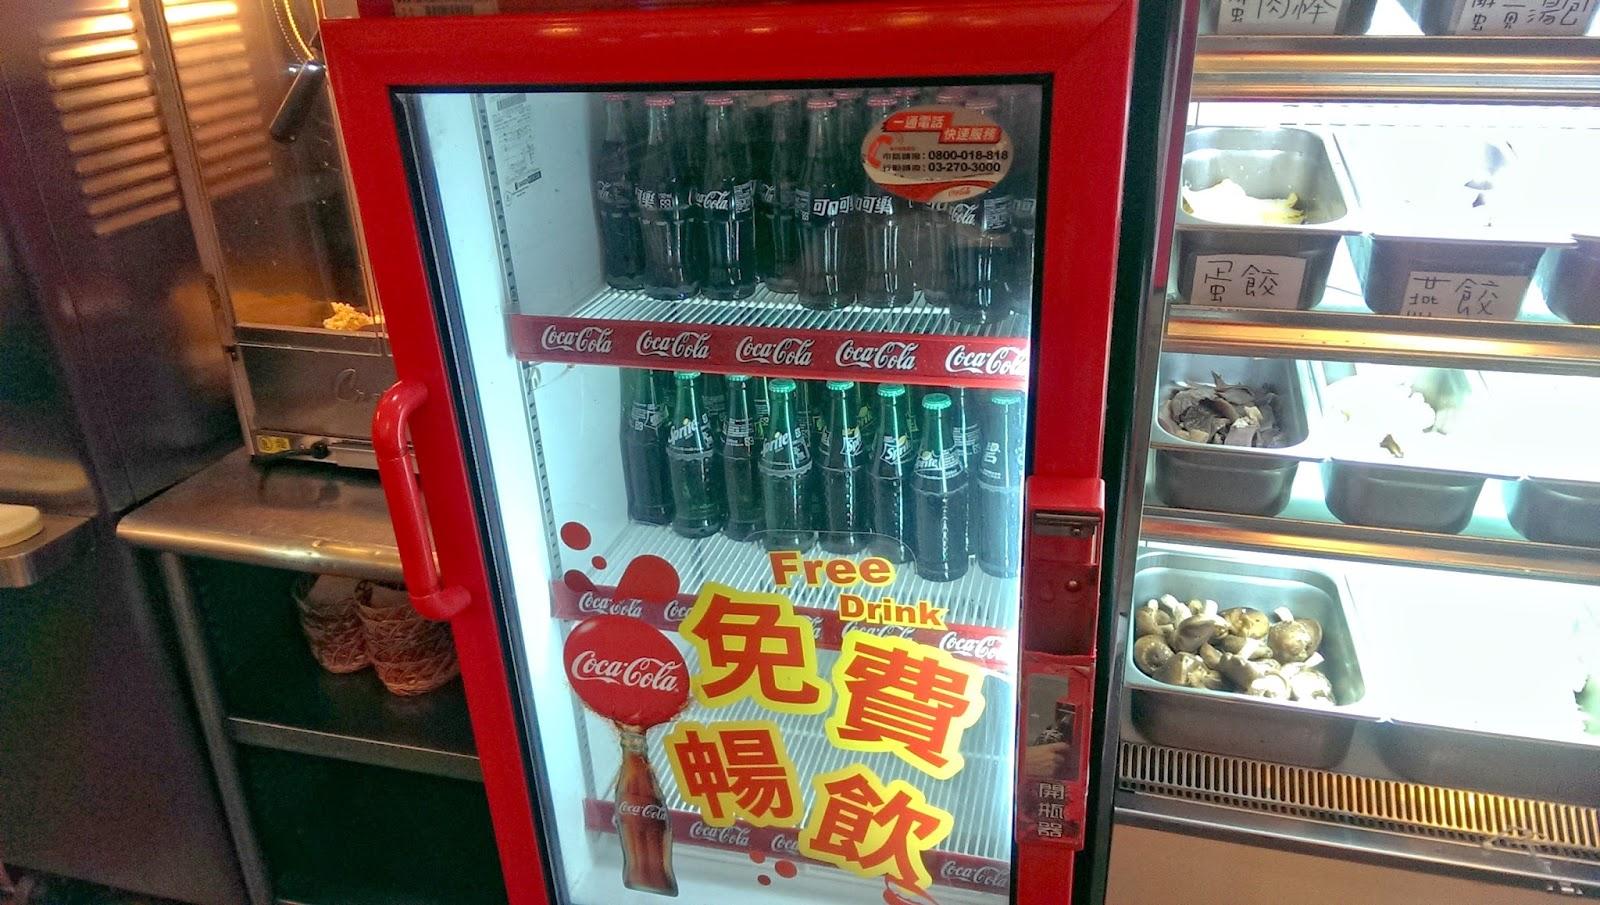 2015 02 11%2B18.08.48 - [食記] 民雄喜多郎鴛鴦鍋 - 平價不廉價的吃到飽火鍋!